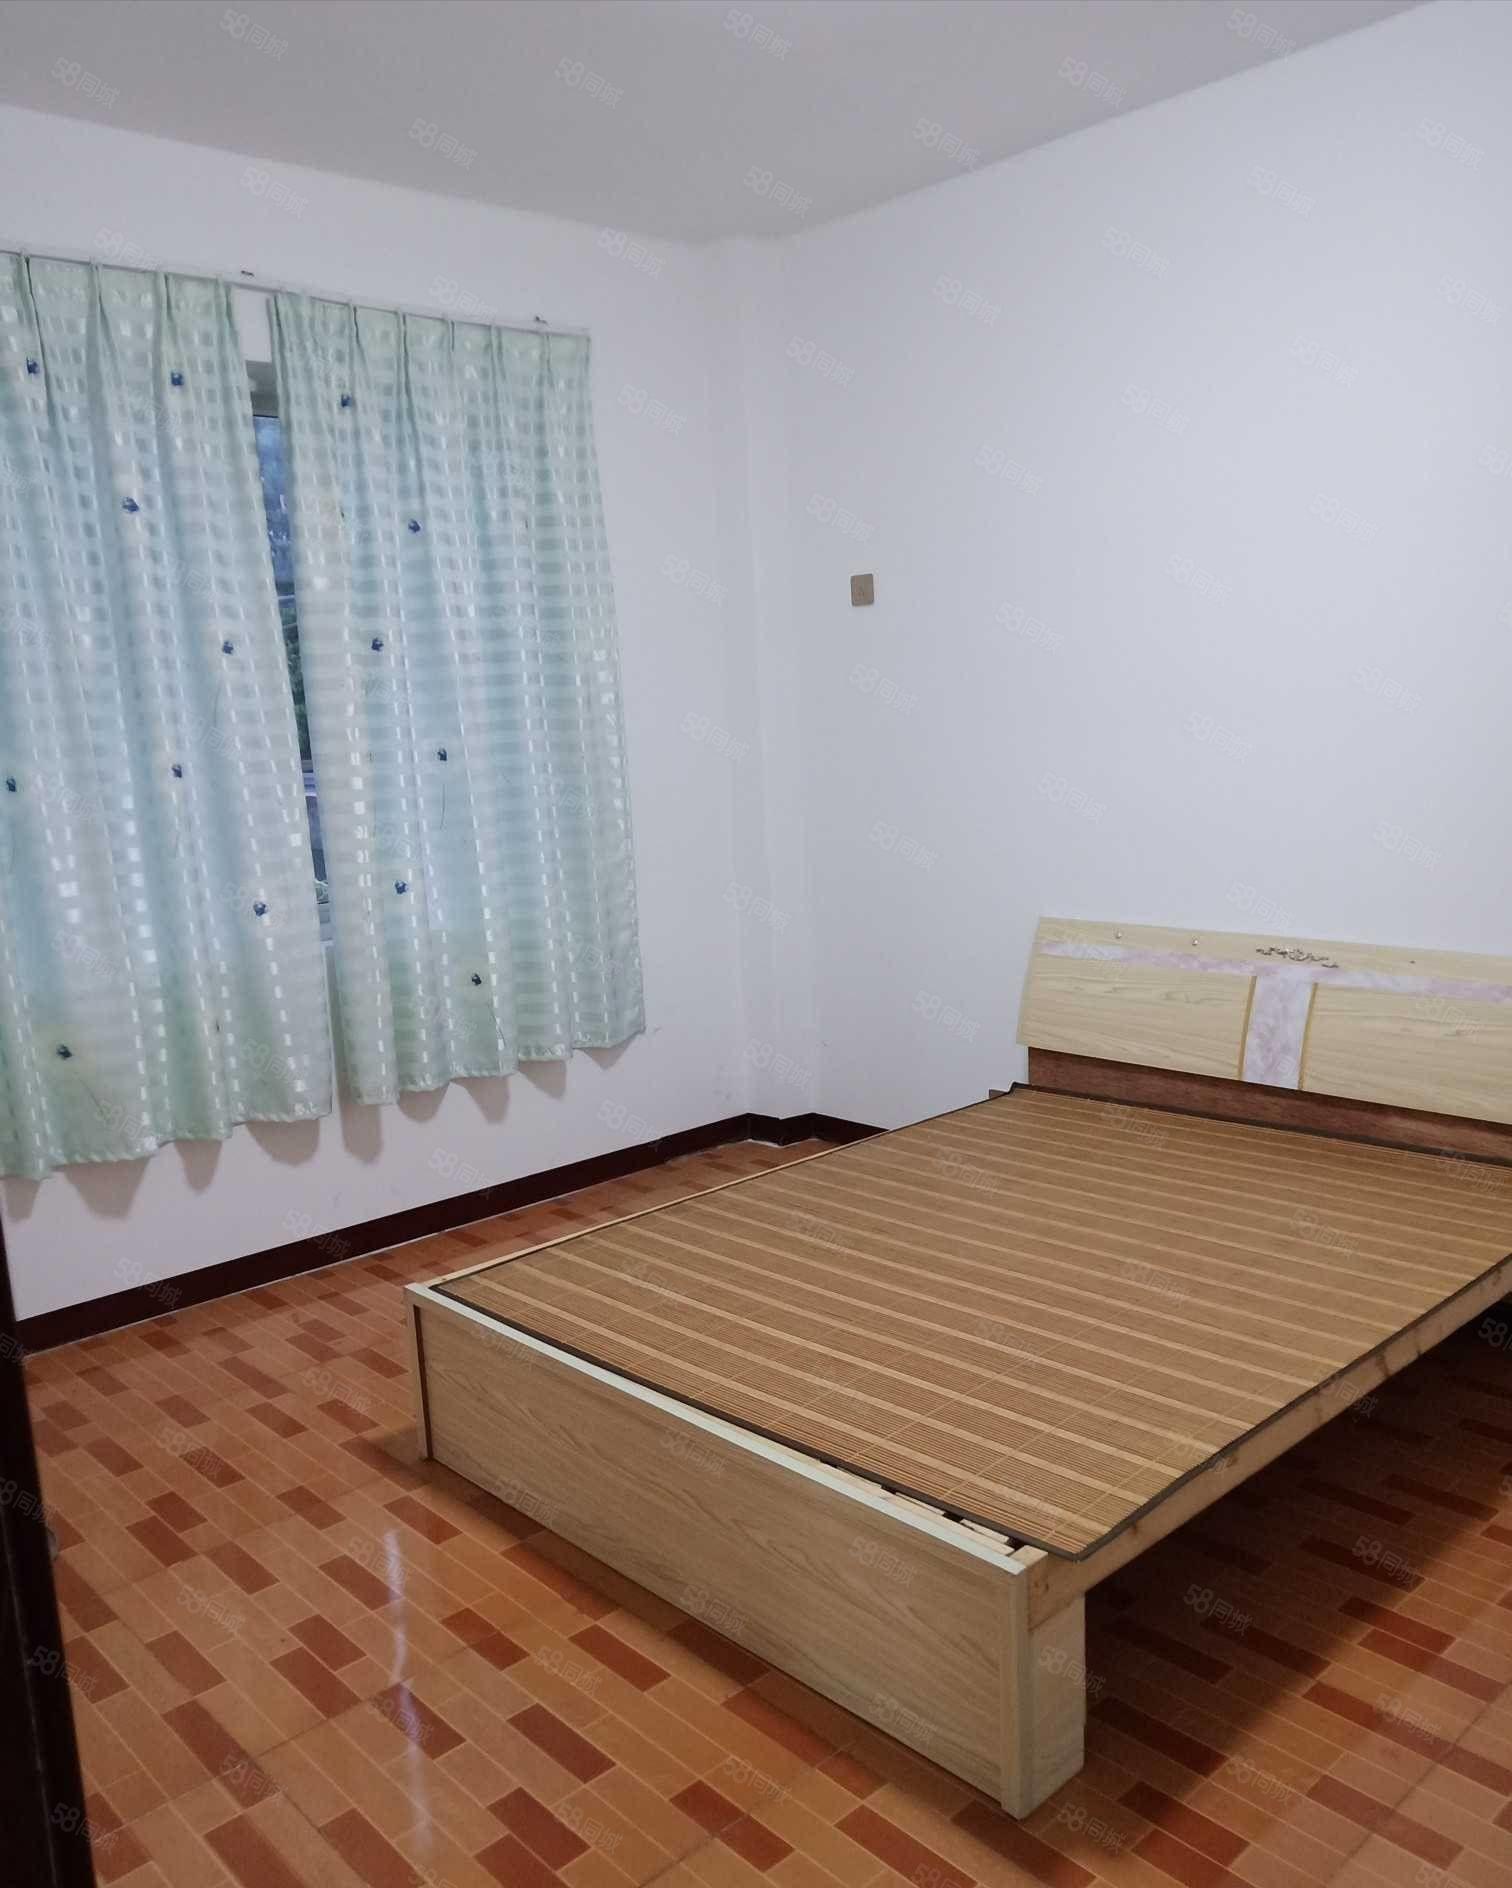 卧龙金湾五楼三室一厅简装